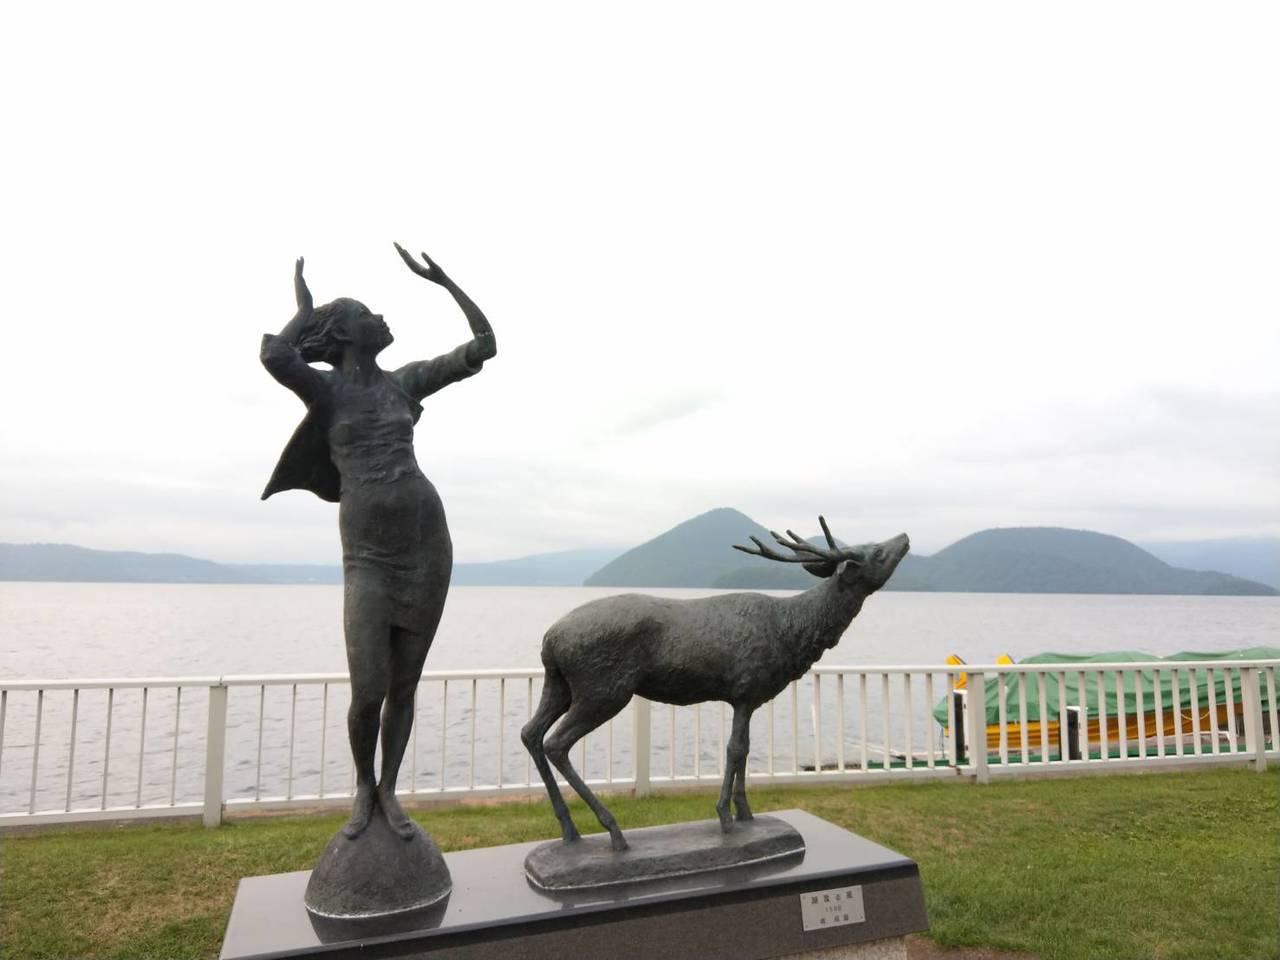 洞爺湖畔的雕刻,配上湖景,是很好的拍照景點。記者張錦弘/攝影